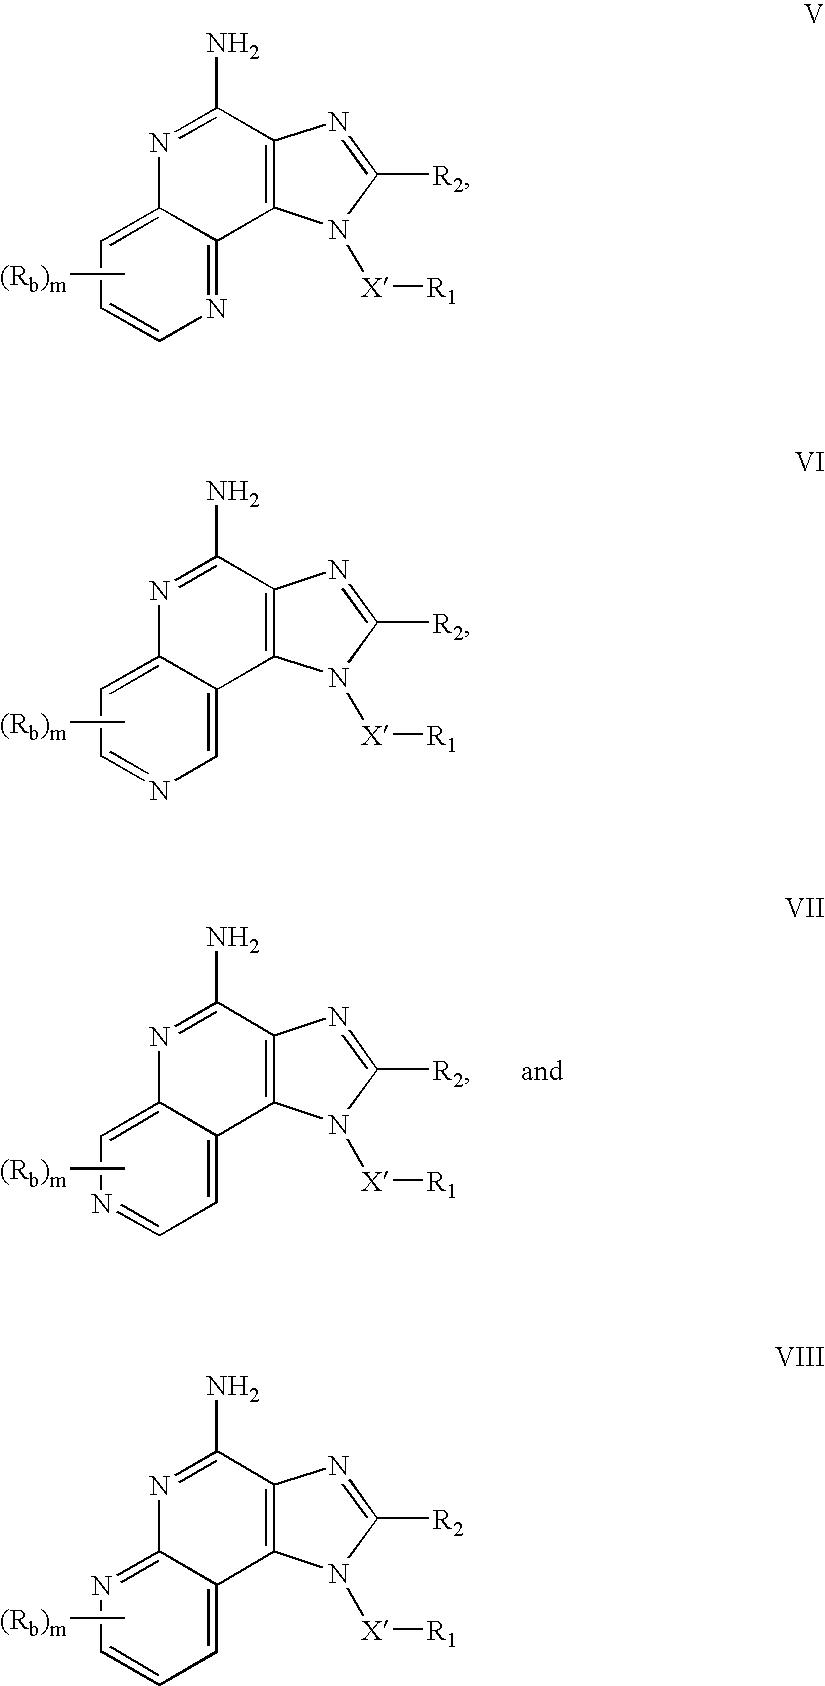 Figure US20070287725A1-20071213-C00022